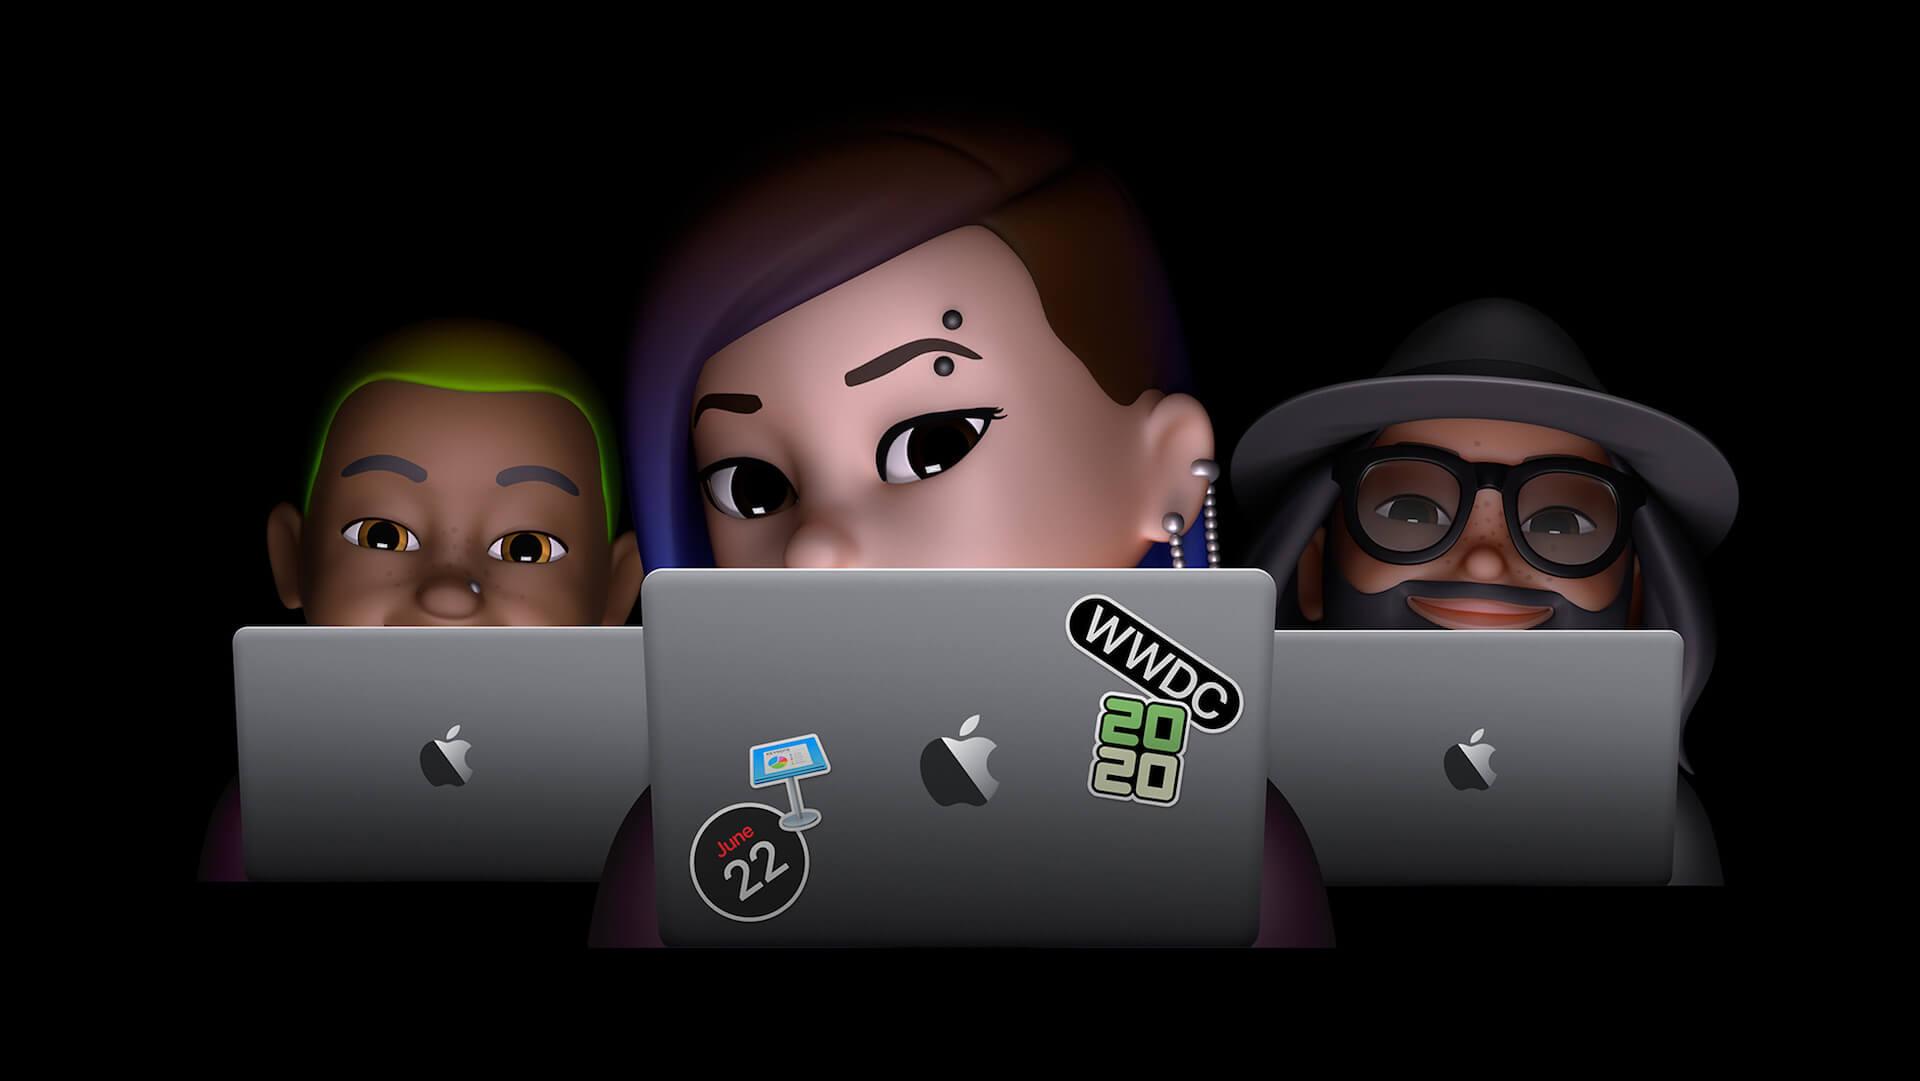 10日後のApple<WWDC>で発表されるハードウェアは?新型iMac、AirTags、AirPods Studioが登場か tech200612_apple_wwdc_5